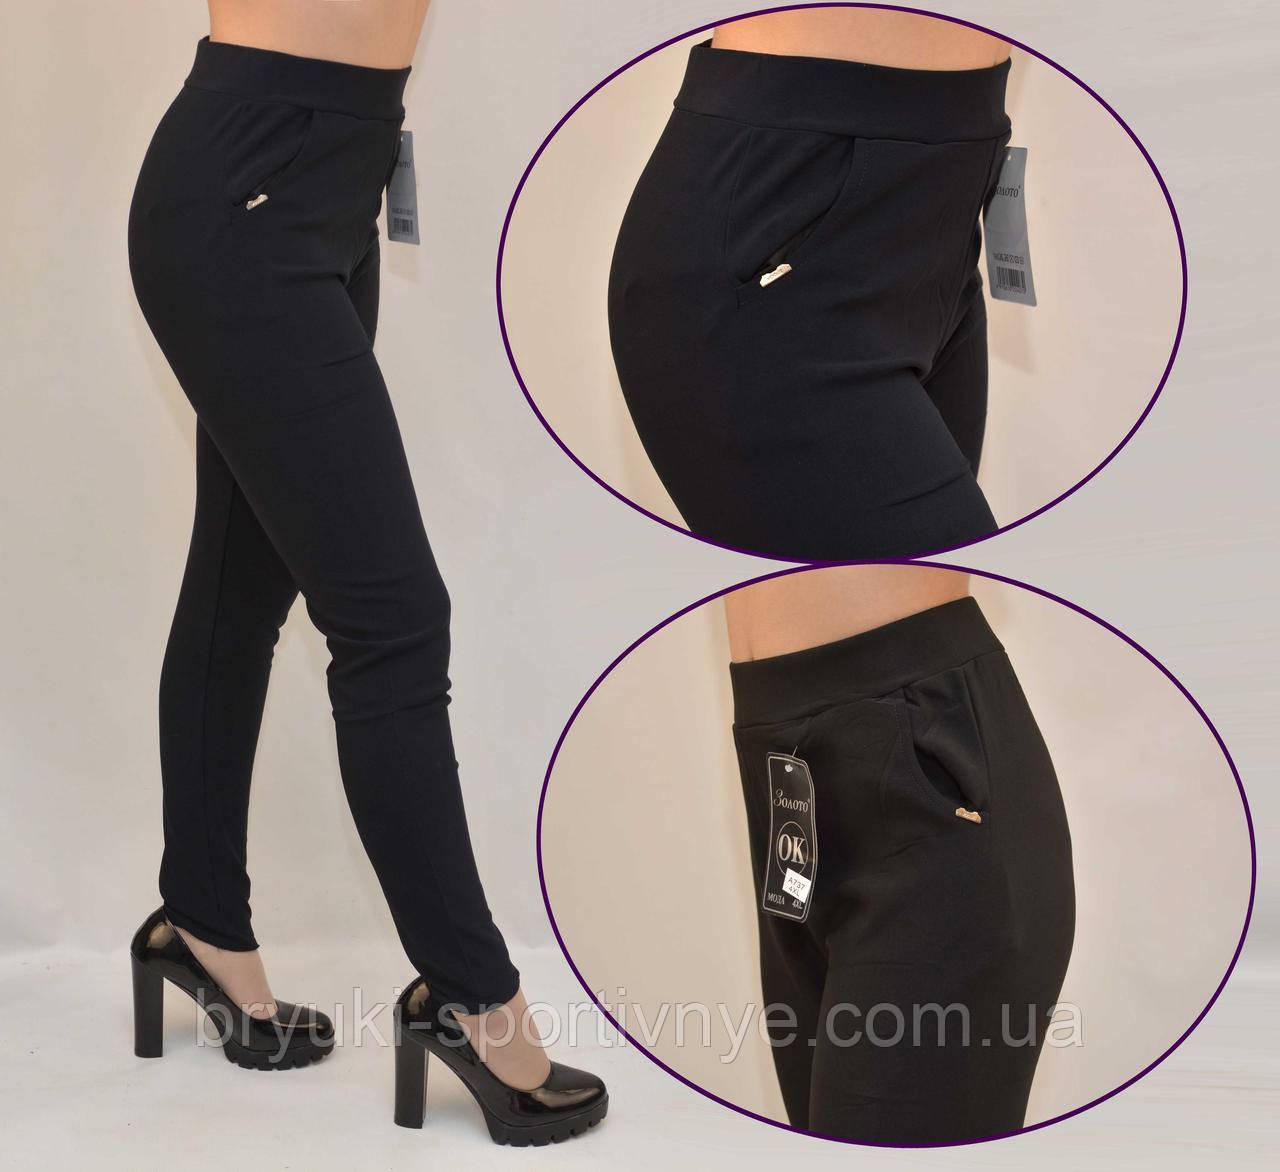 Лосины женские с боковыми  карманами - микродайвинг ( остаток 6 шт)